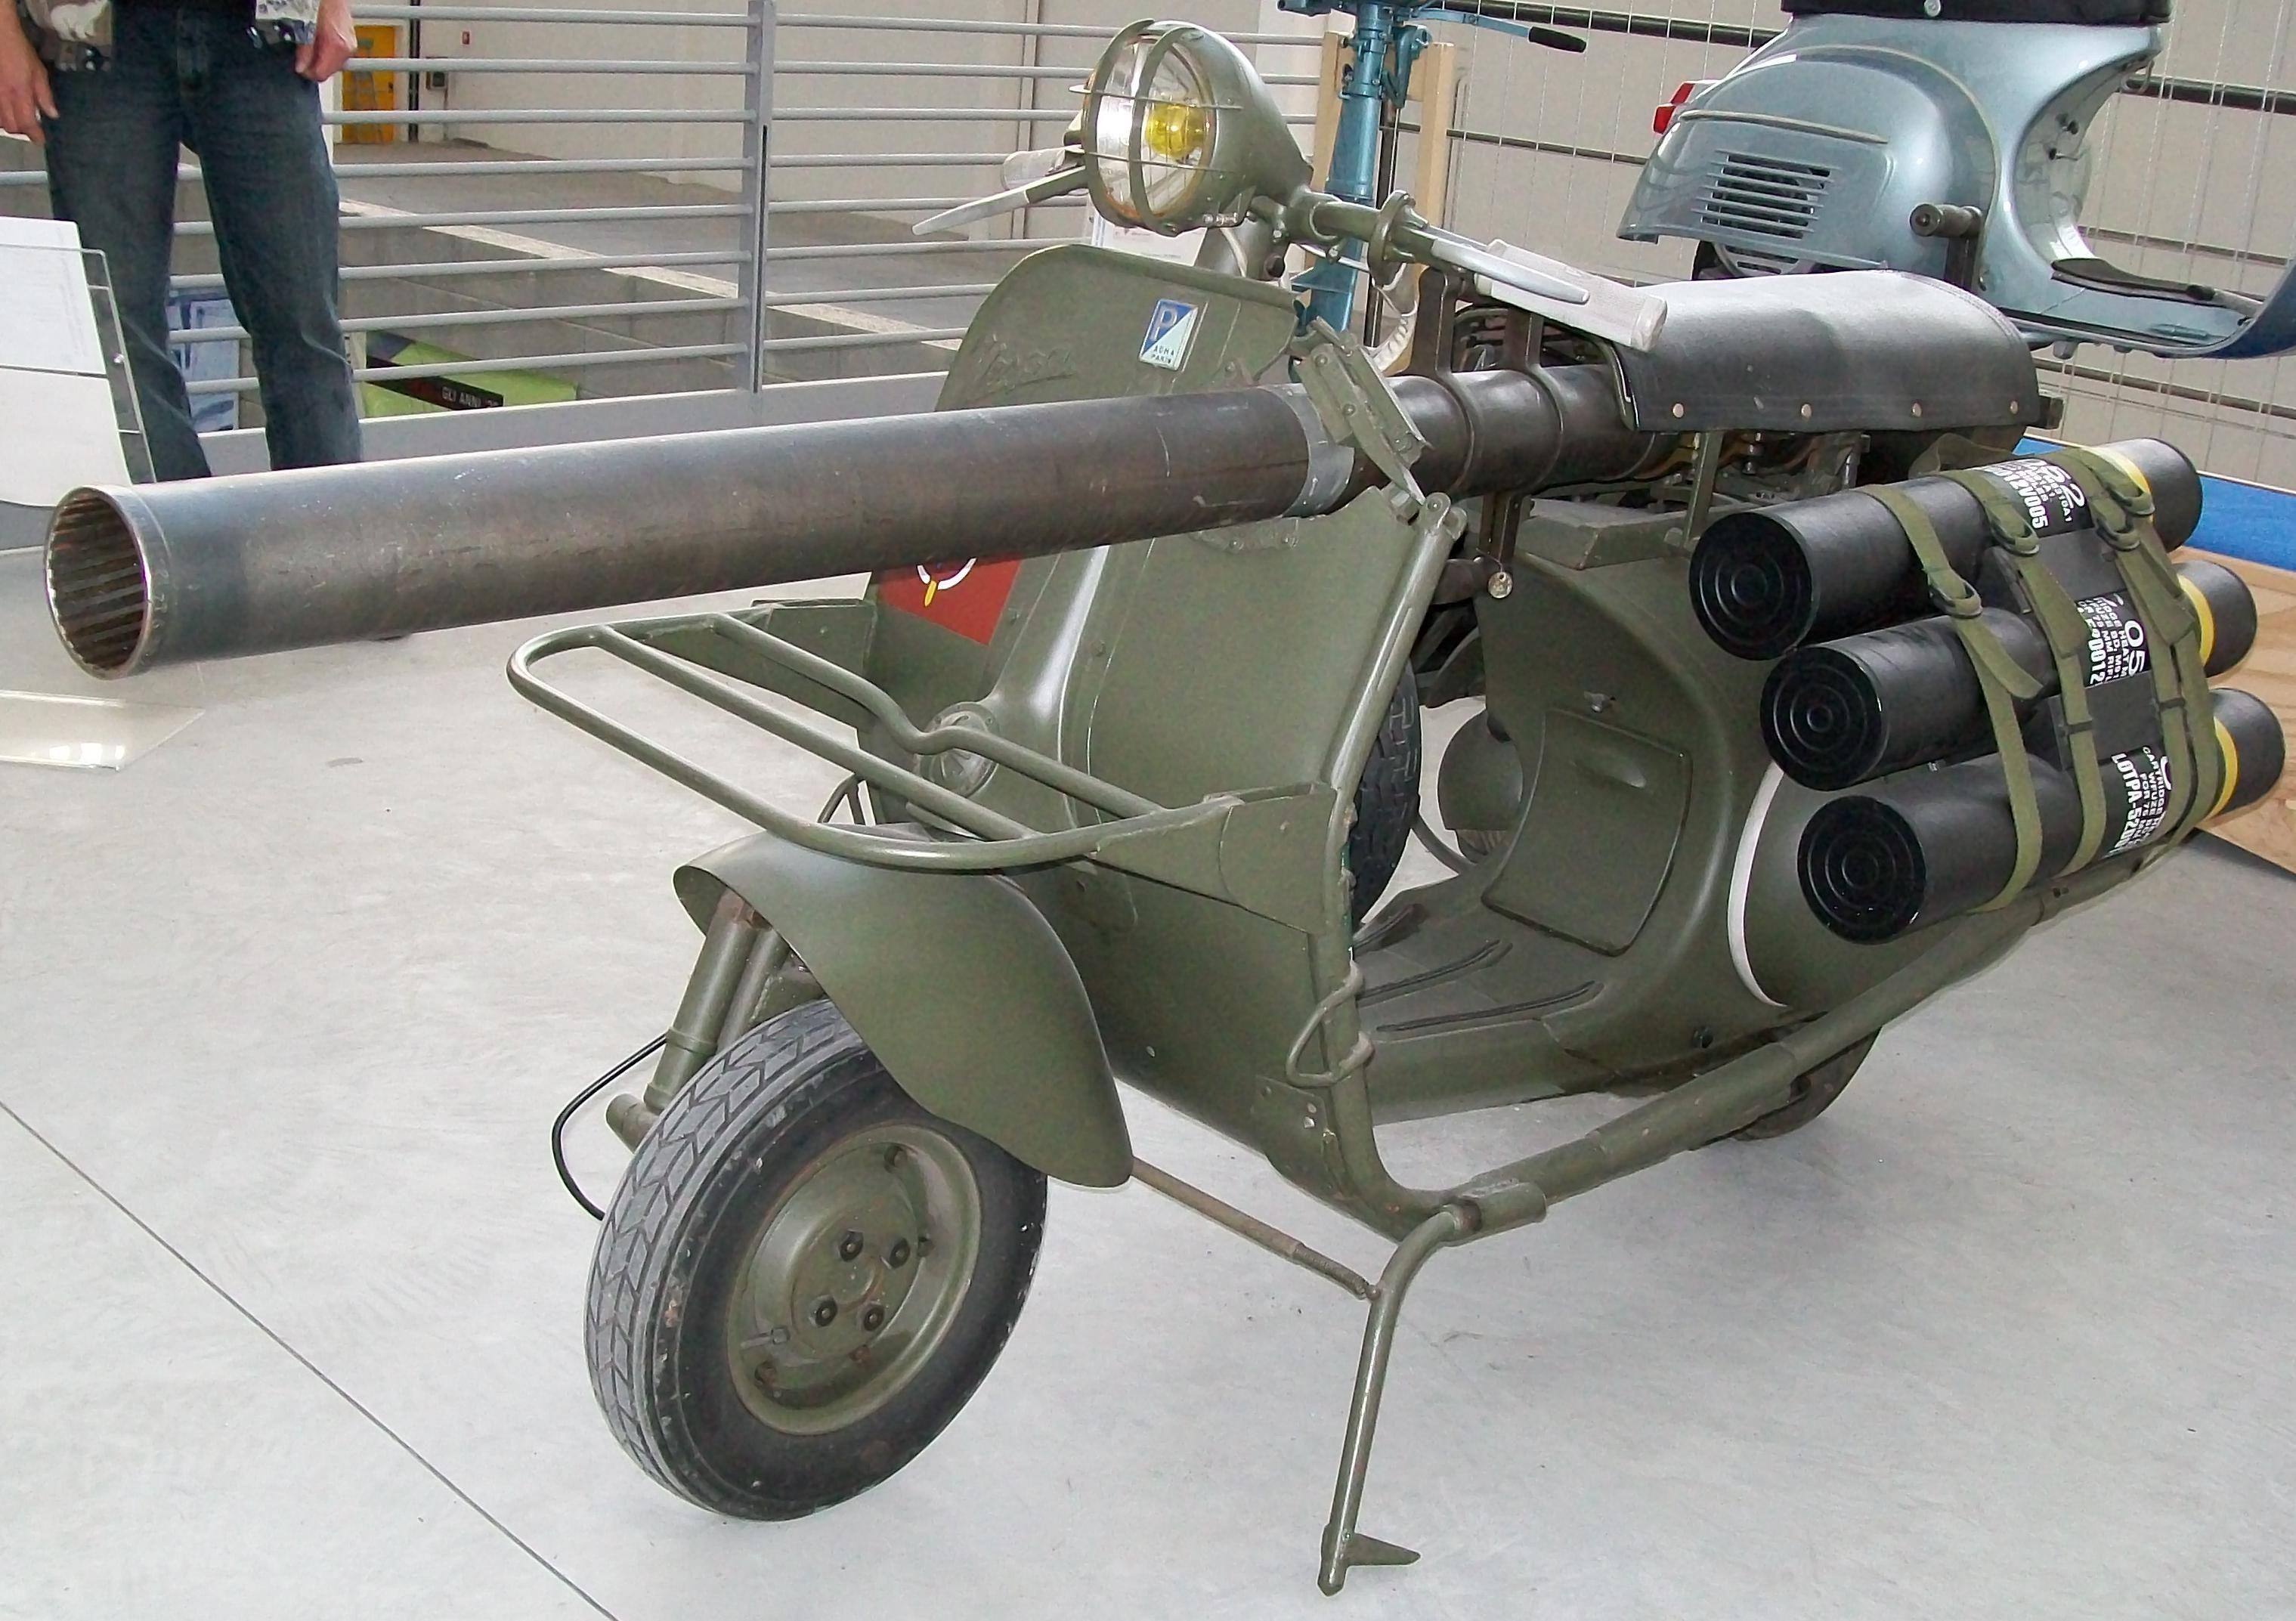 Vespa 150 Tap Vespa 150 Vespa Scooters Vespa